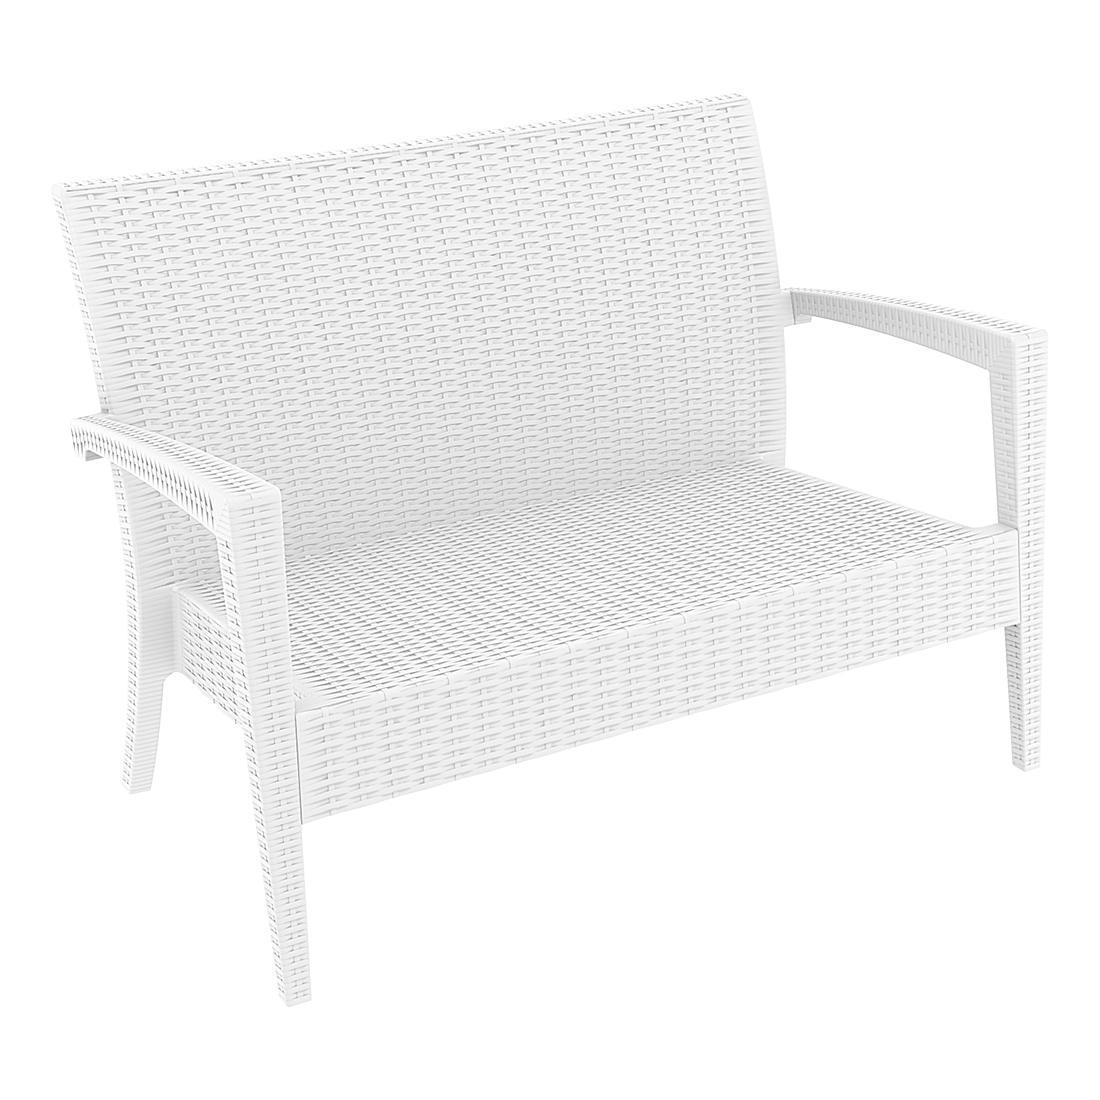 Диван пластиковый плетеный Miami Lounge Sofa